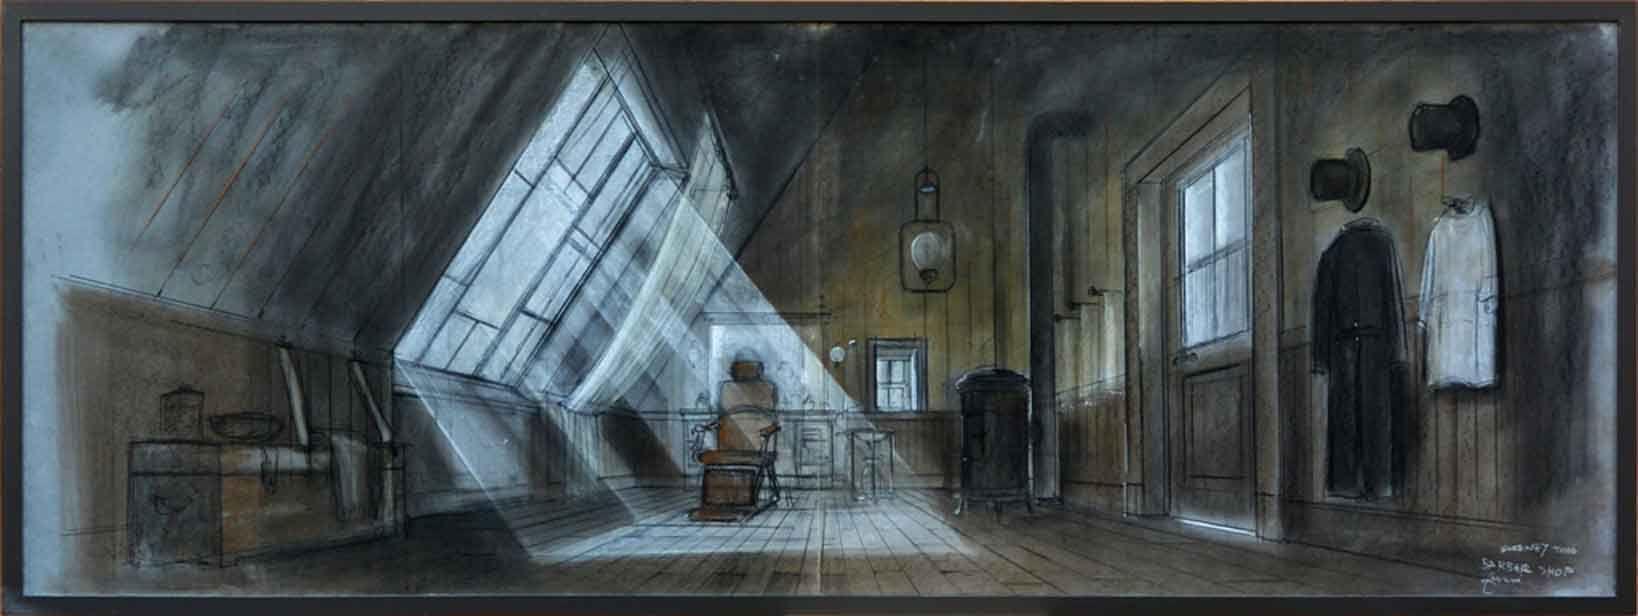 Le scenografie di Dante Ferretti protagoniste di una mostra a Macerata